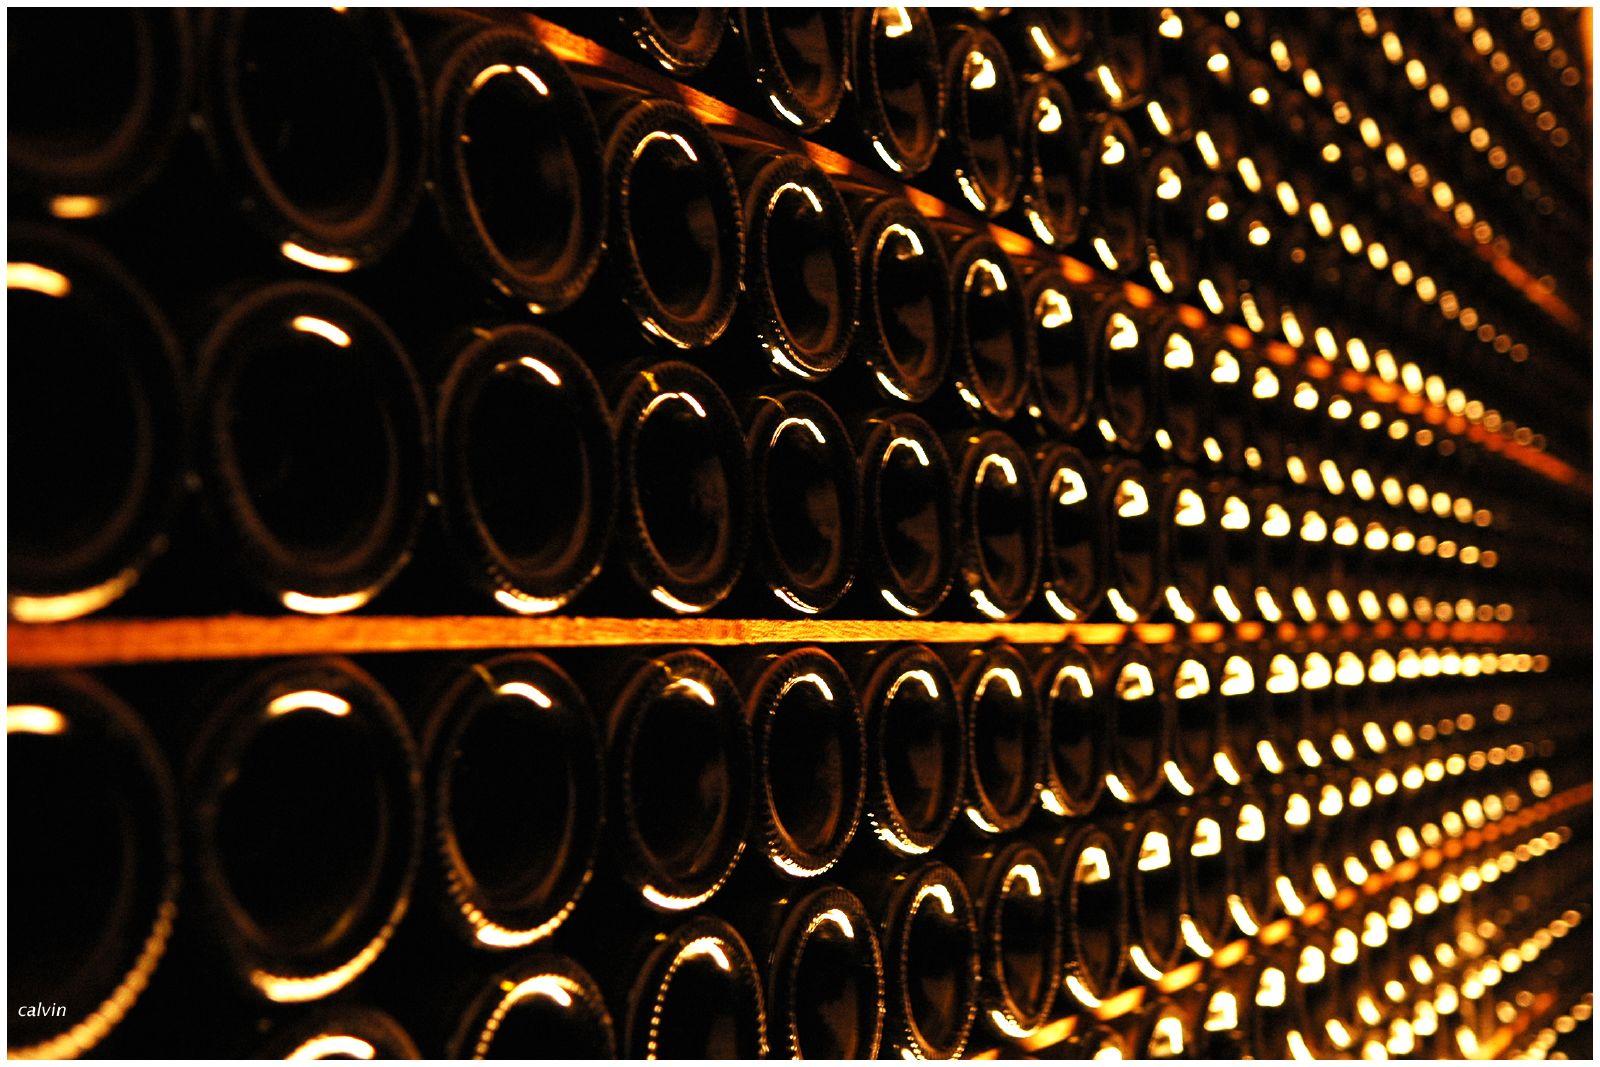 1024px-Underground_wine_cellar_of_Pontet-Canet.jpg